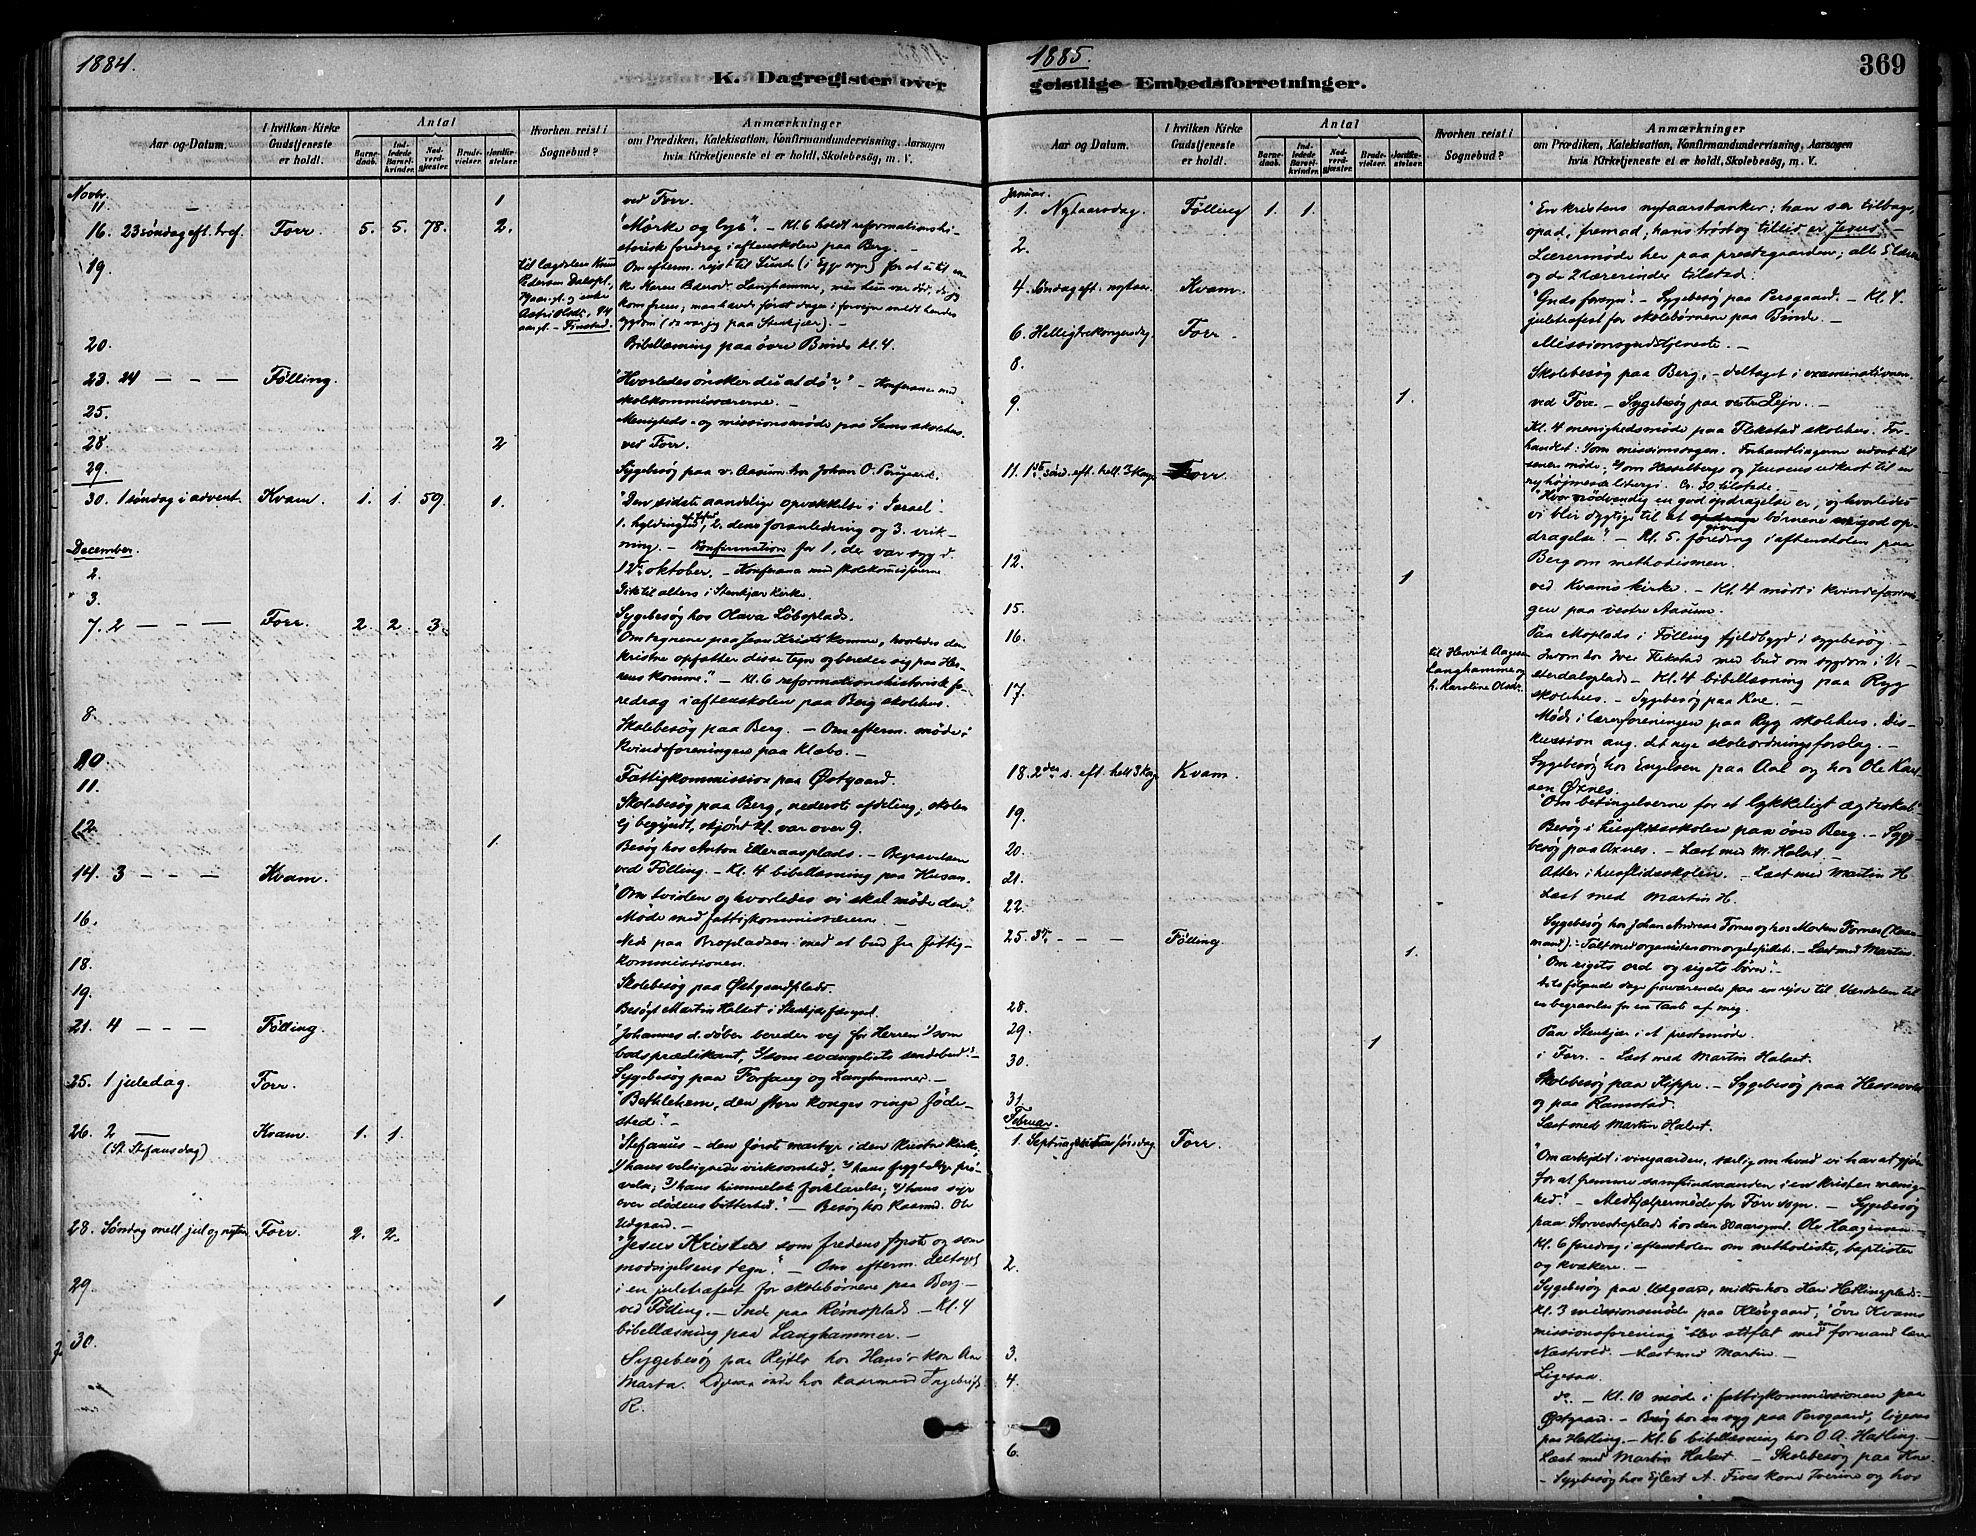 SAT, Ministerialprotokoller, klokkerbøker og fødselsregistre - Nord-Trøndelag, 746/L0448: Ministerialbok nr. 746A07 /1, 1878-1900, s. 369